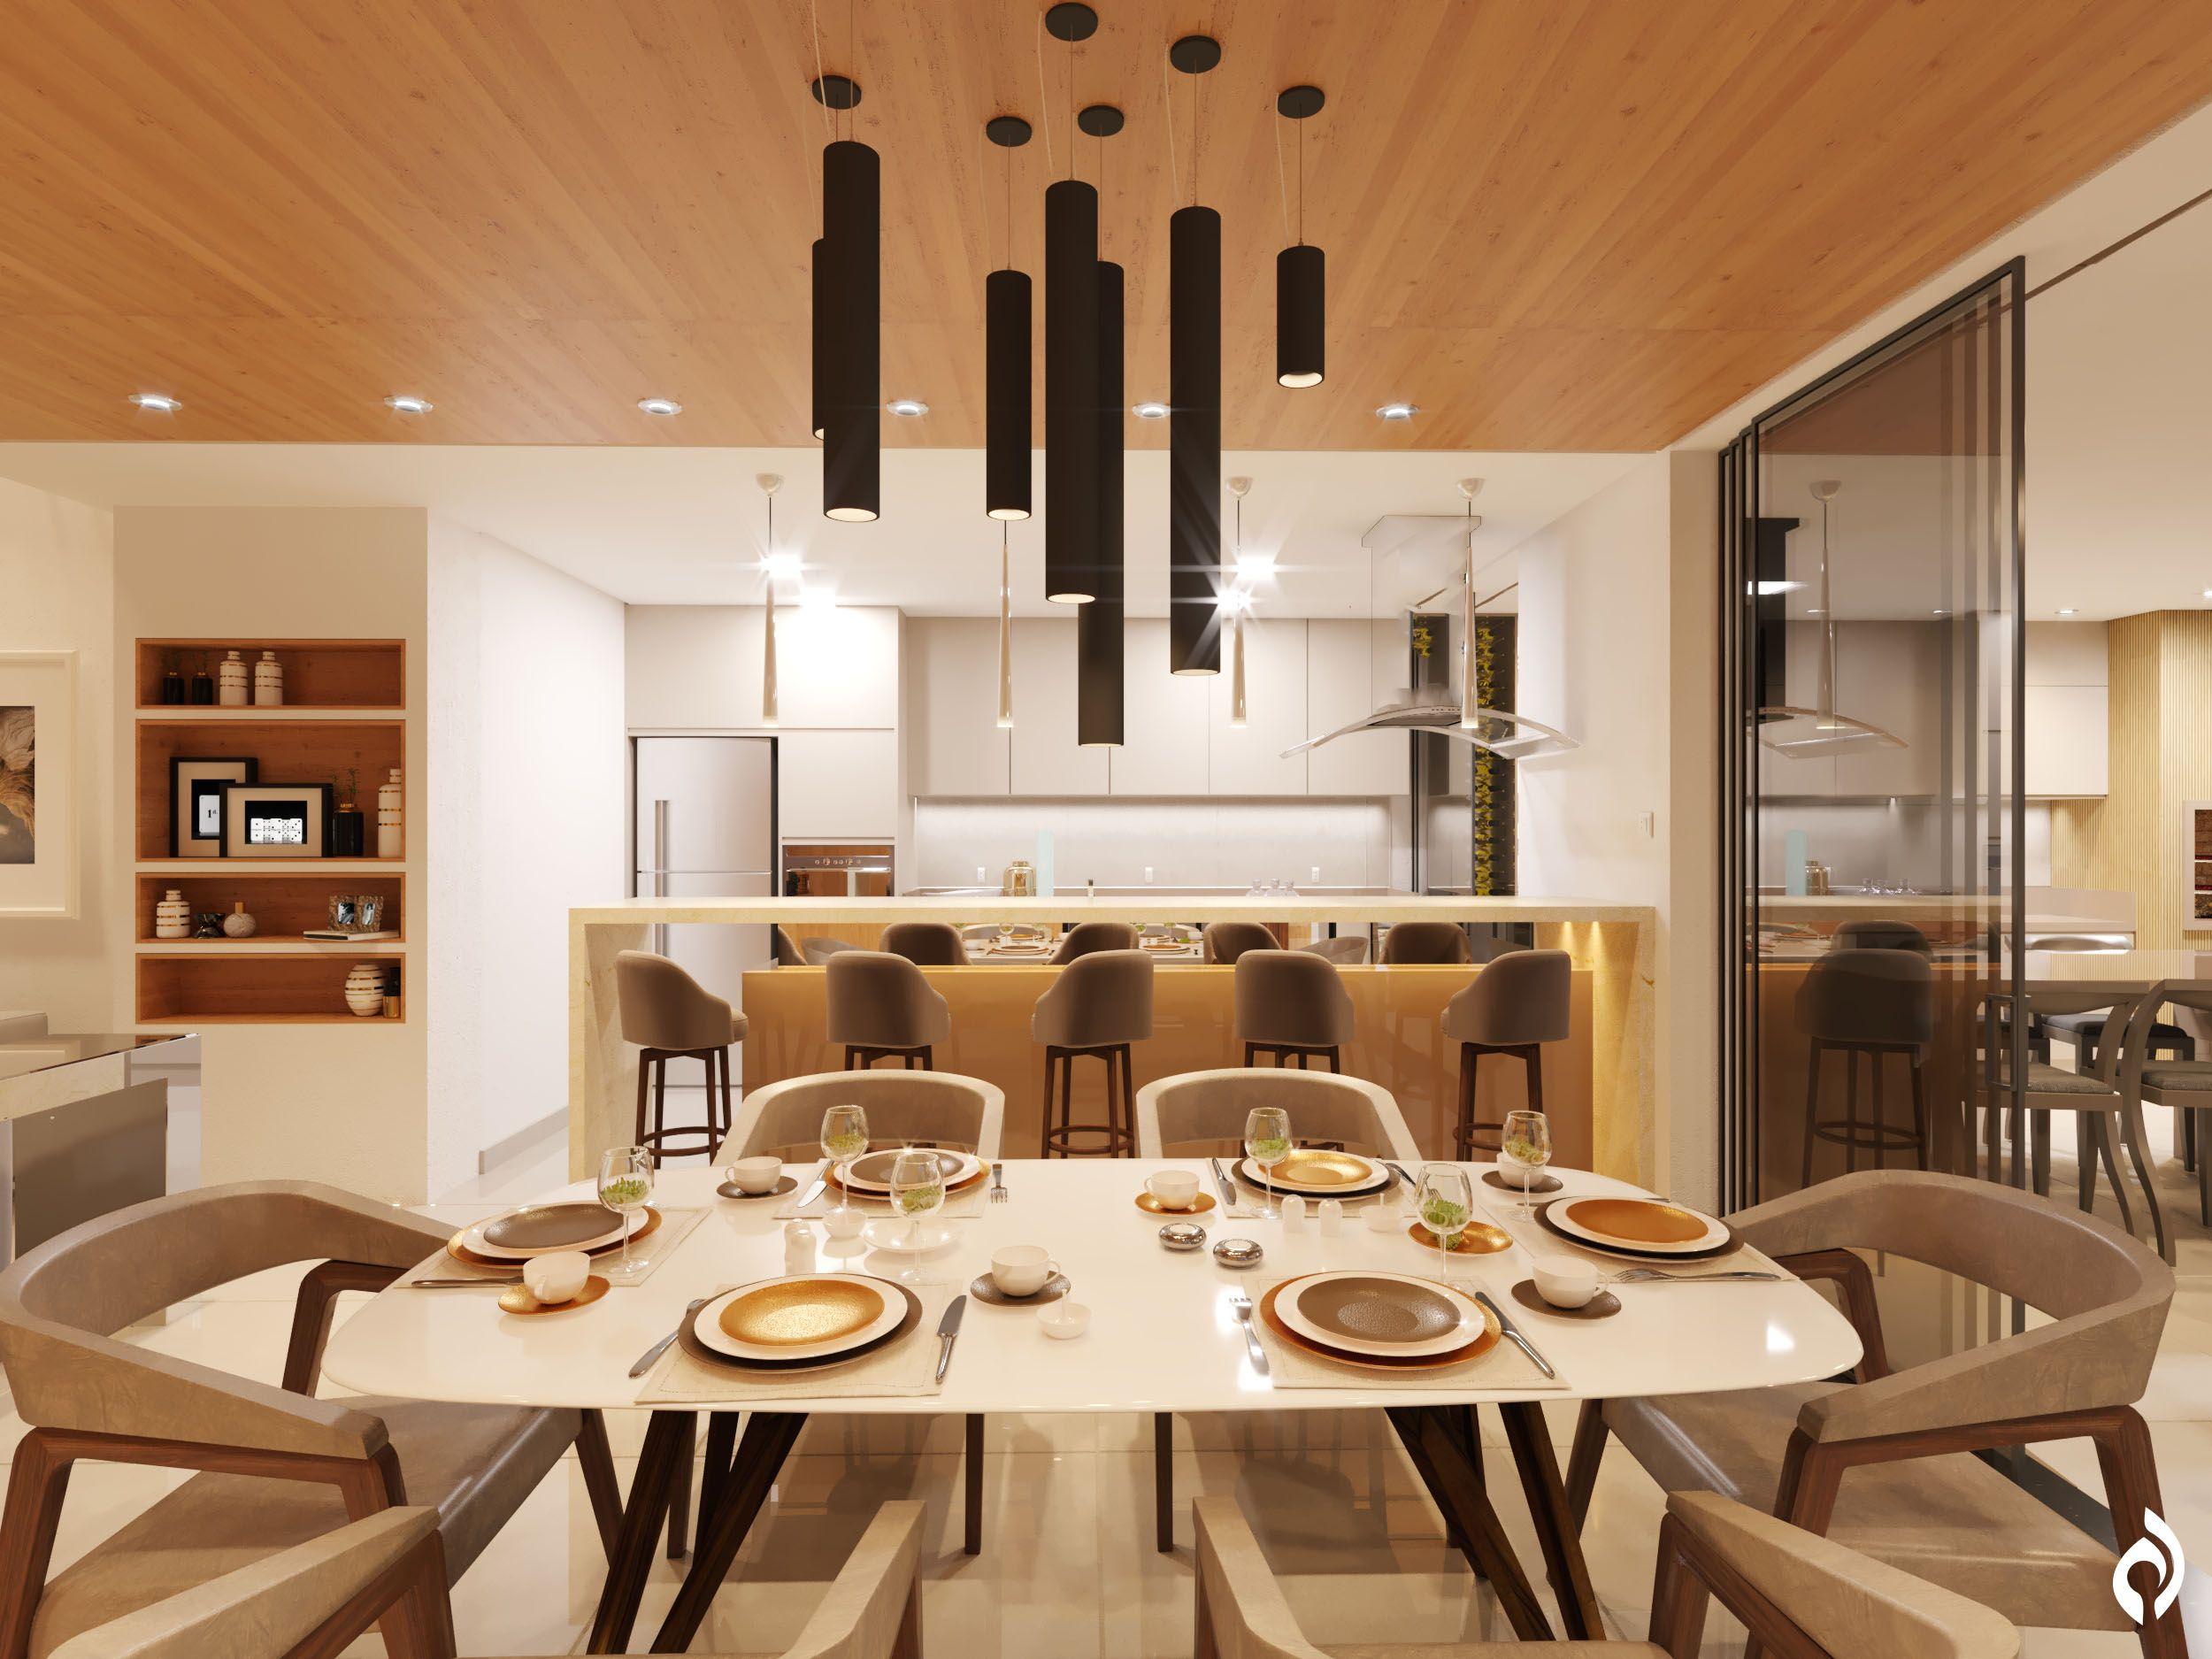 Arquitetura De Interiores Av, Ambiente Sala De Jantar E Cozinha